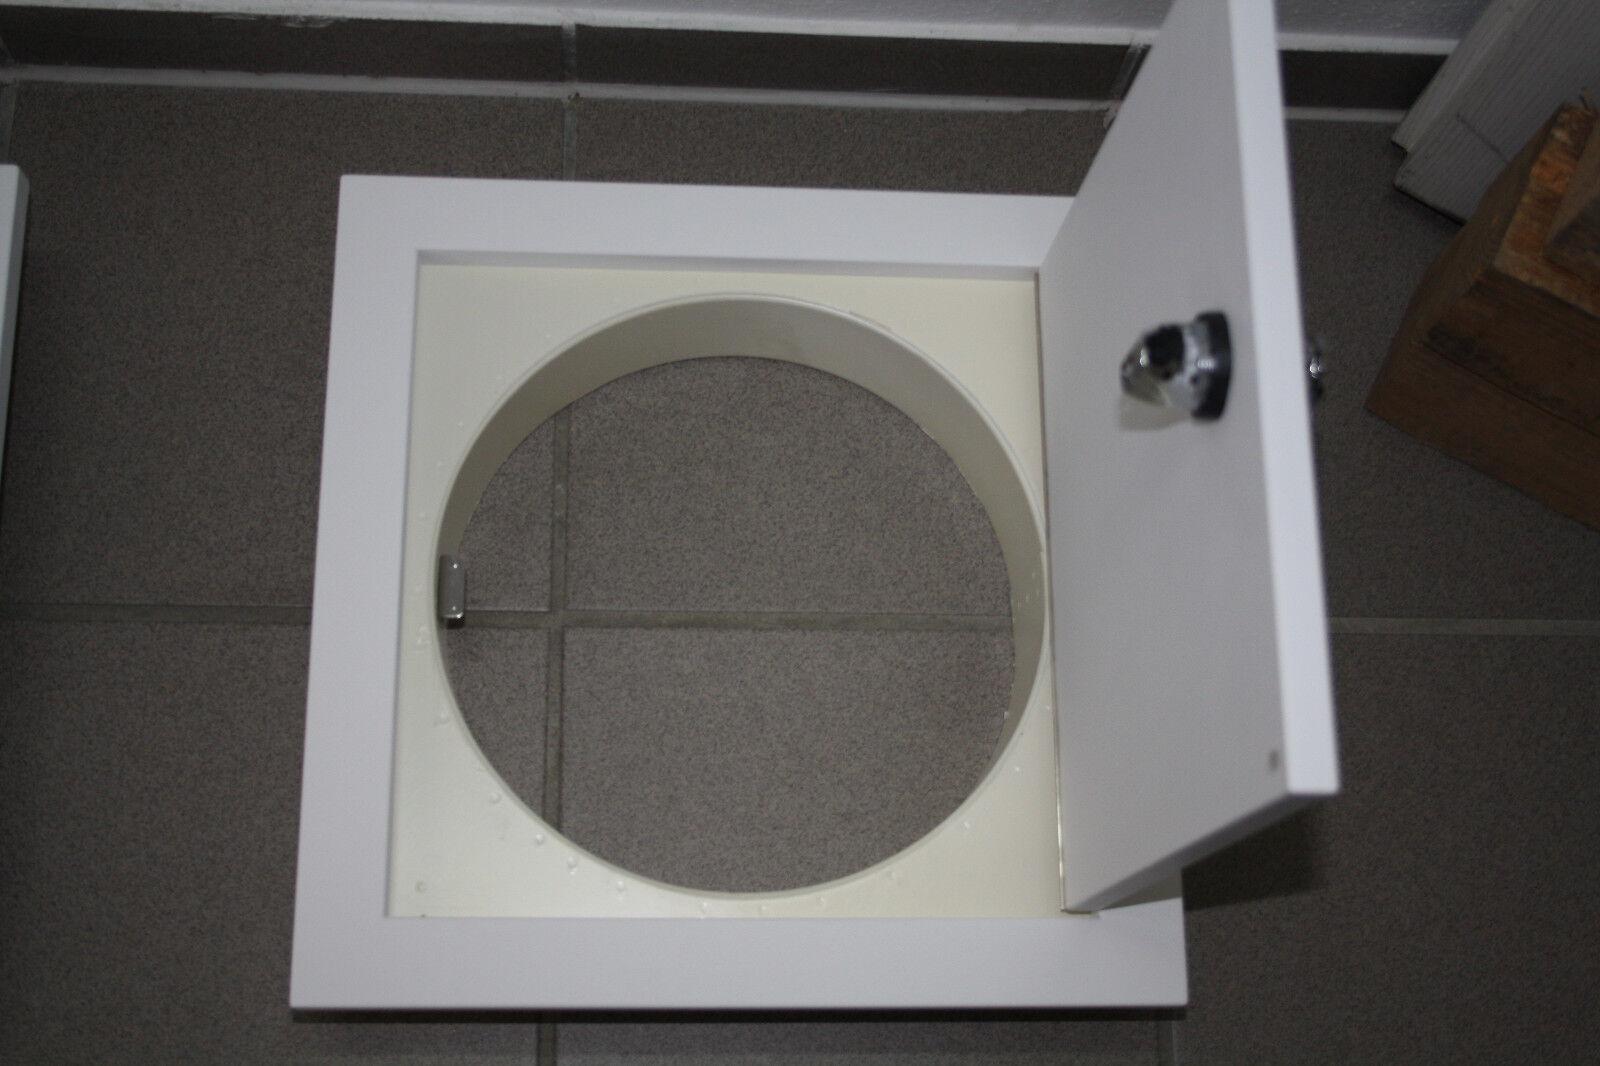 Wäscheschacht - - - Tür  , grundiert mit Zylinderschloß 400 26fa75